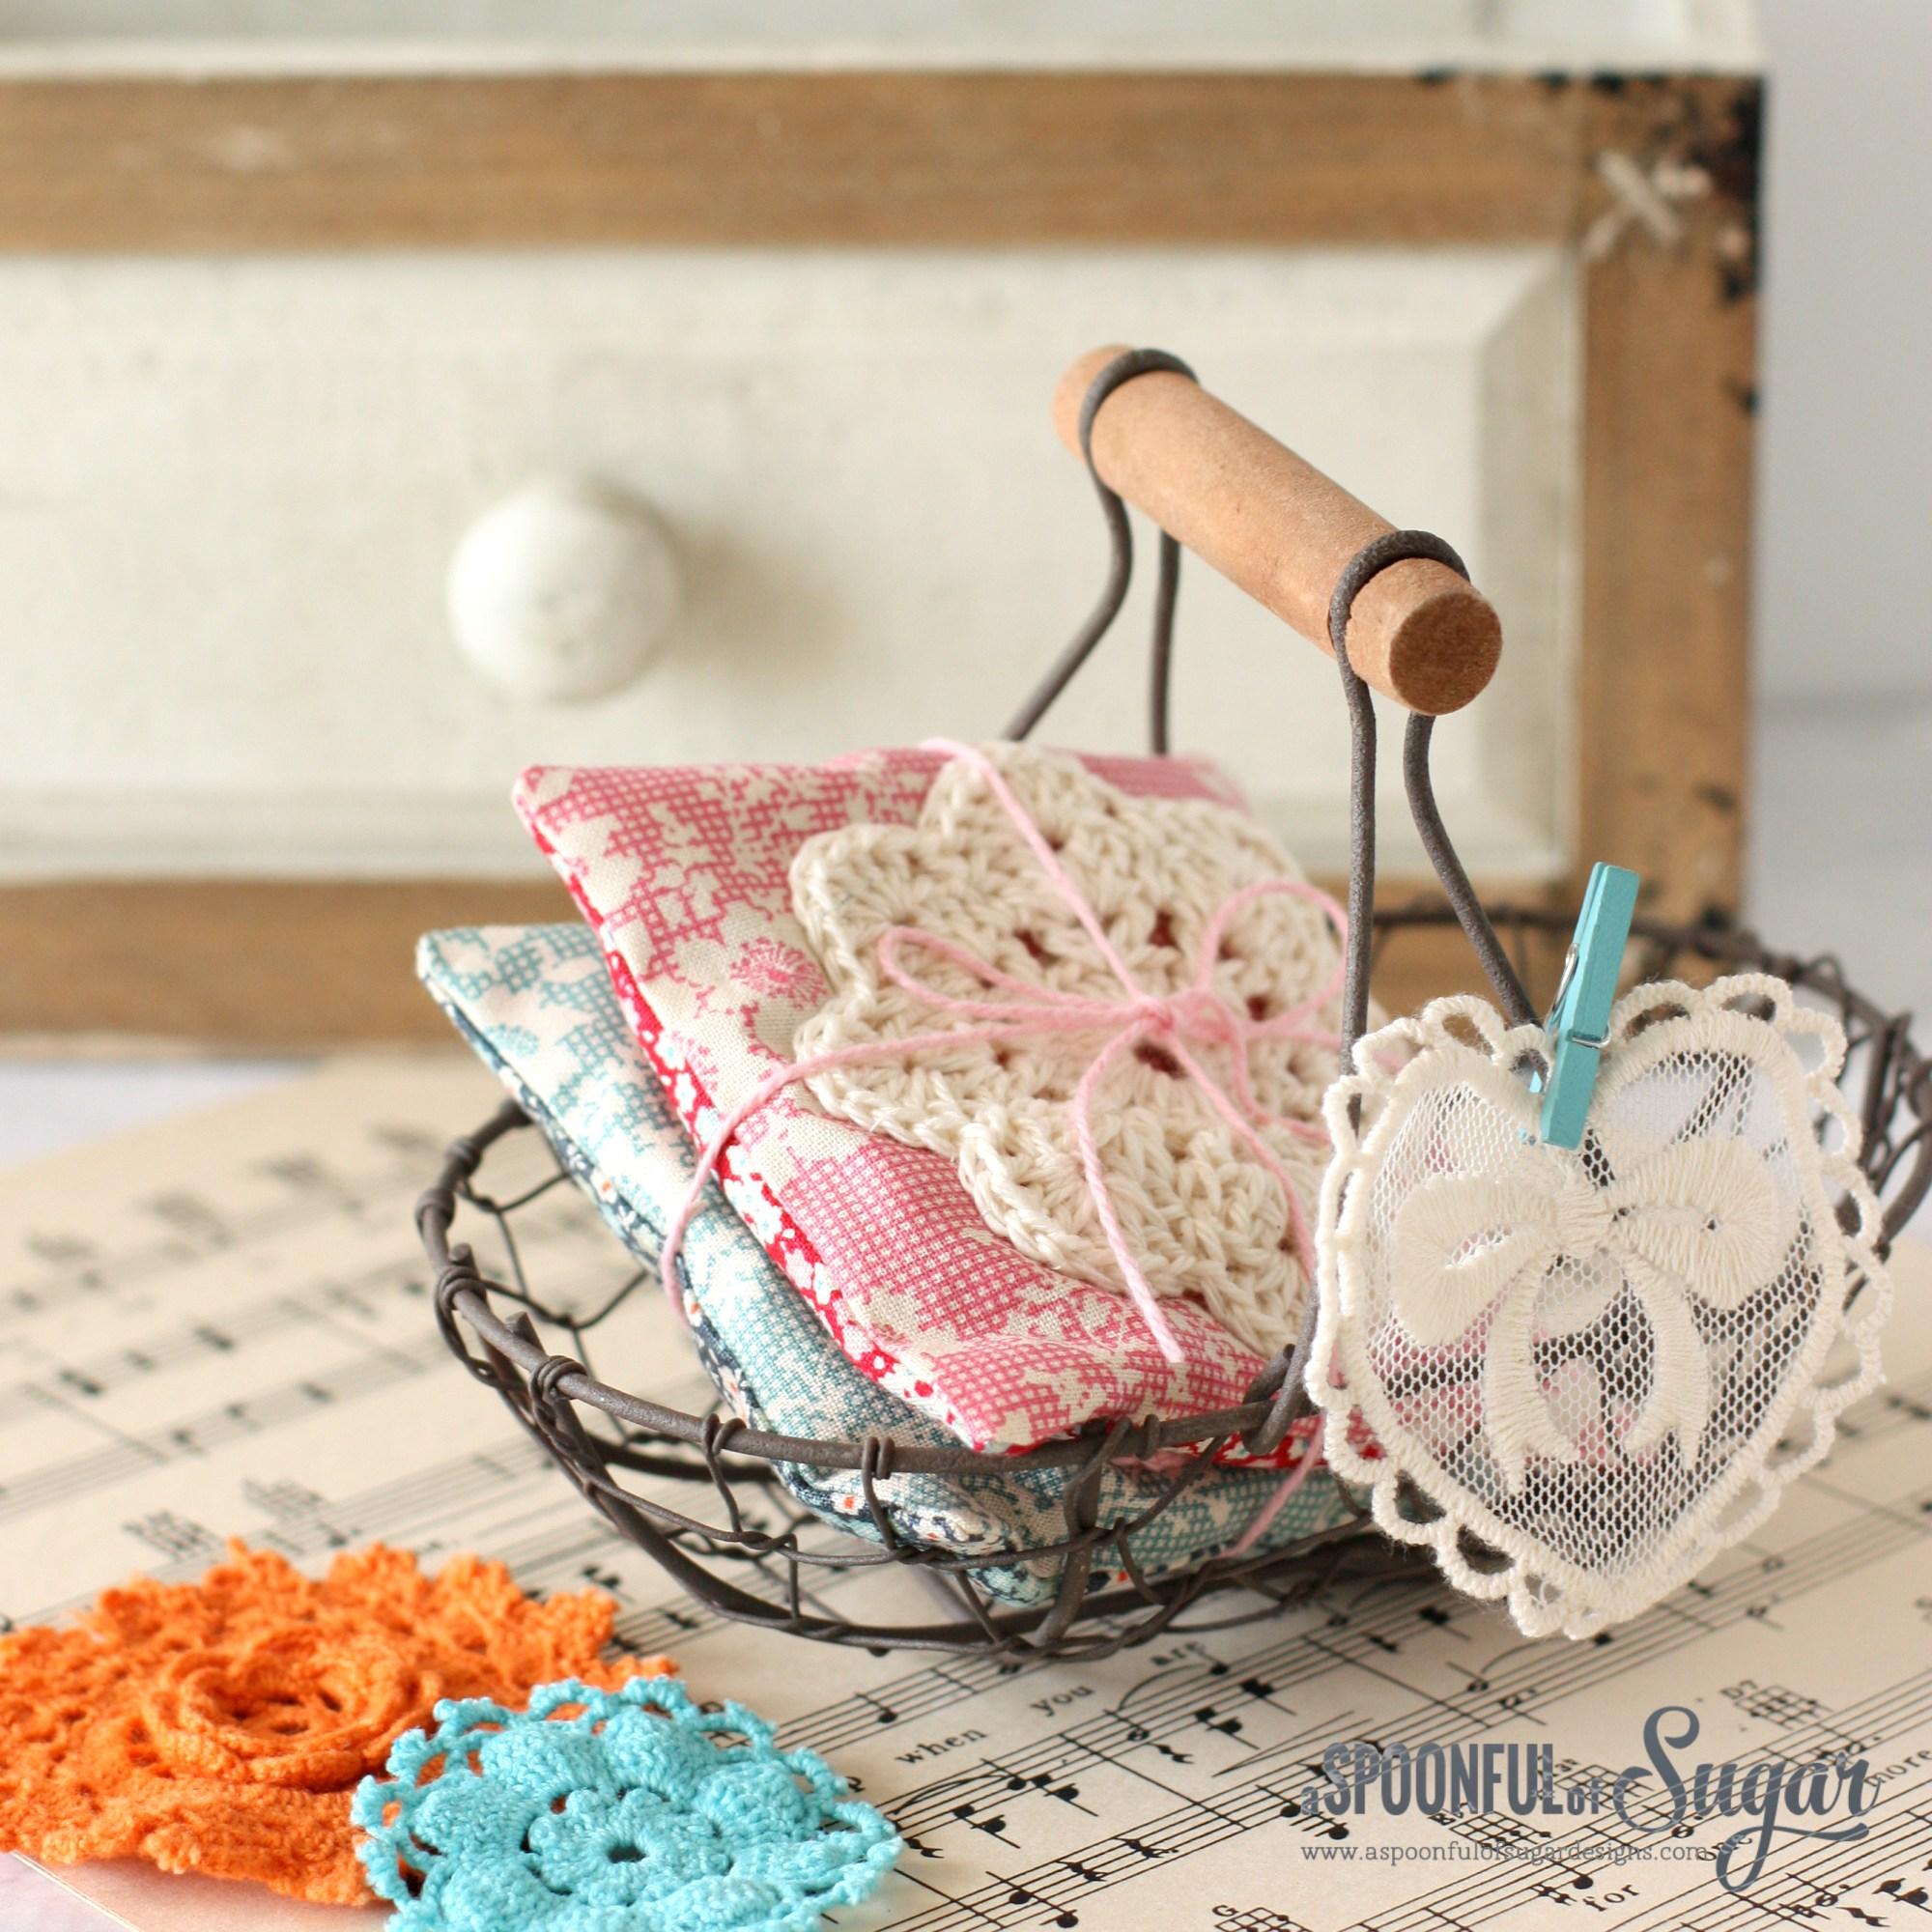 DIY lavender lace sachets